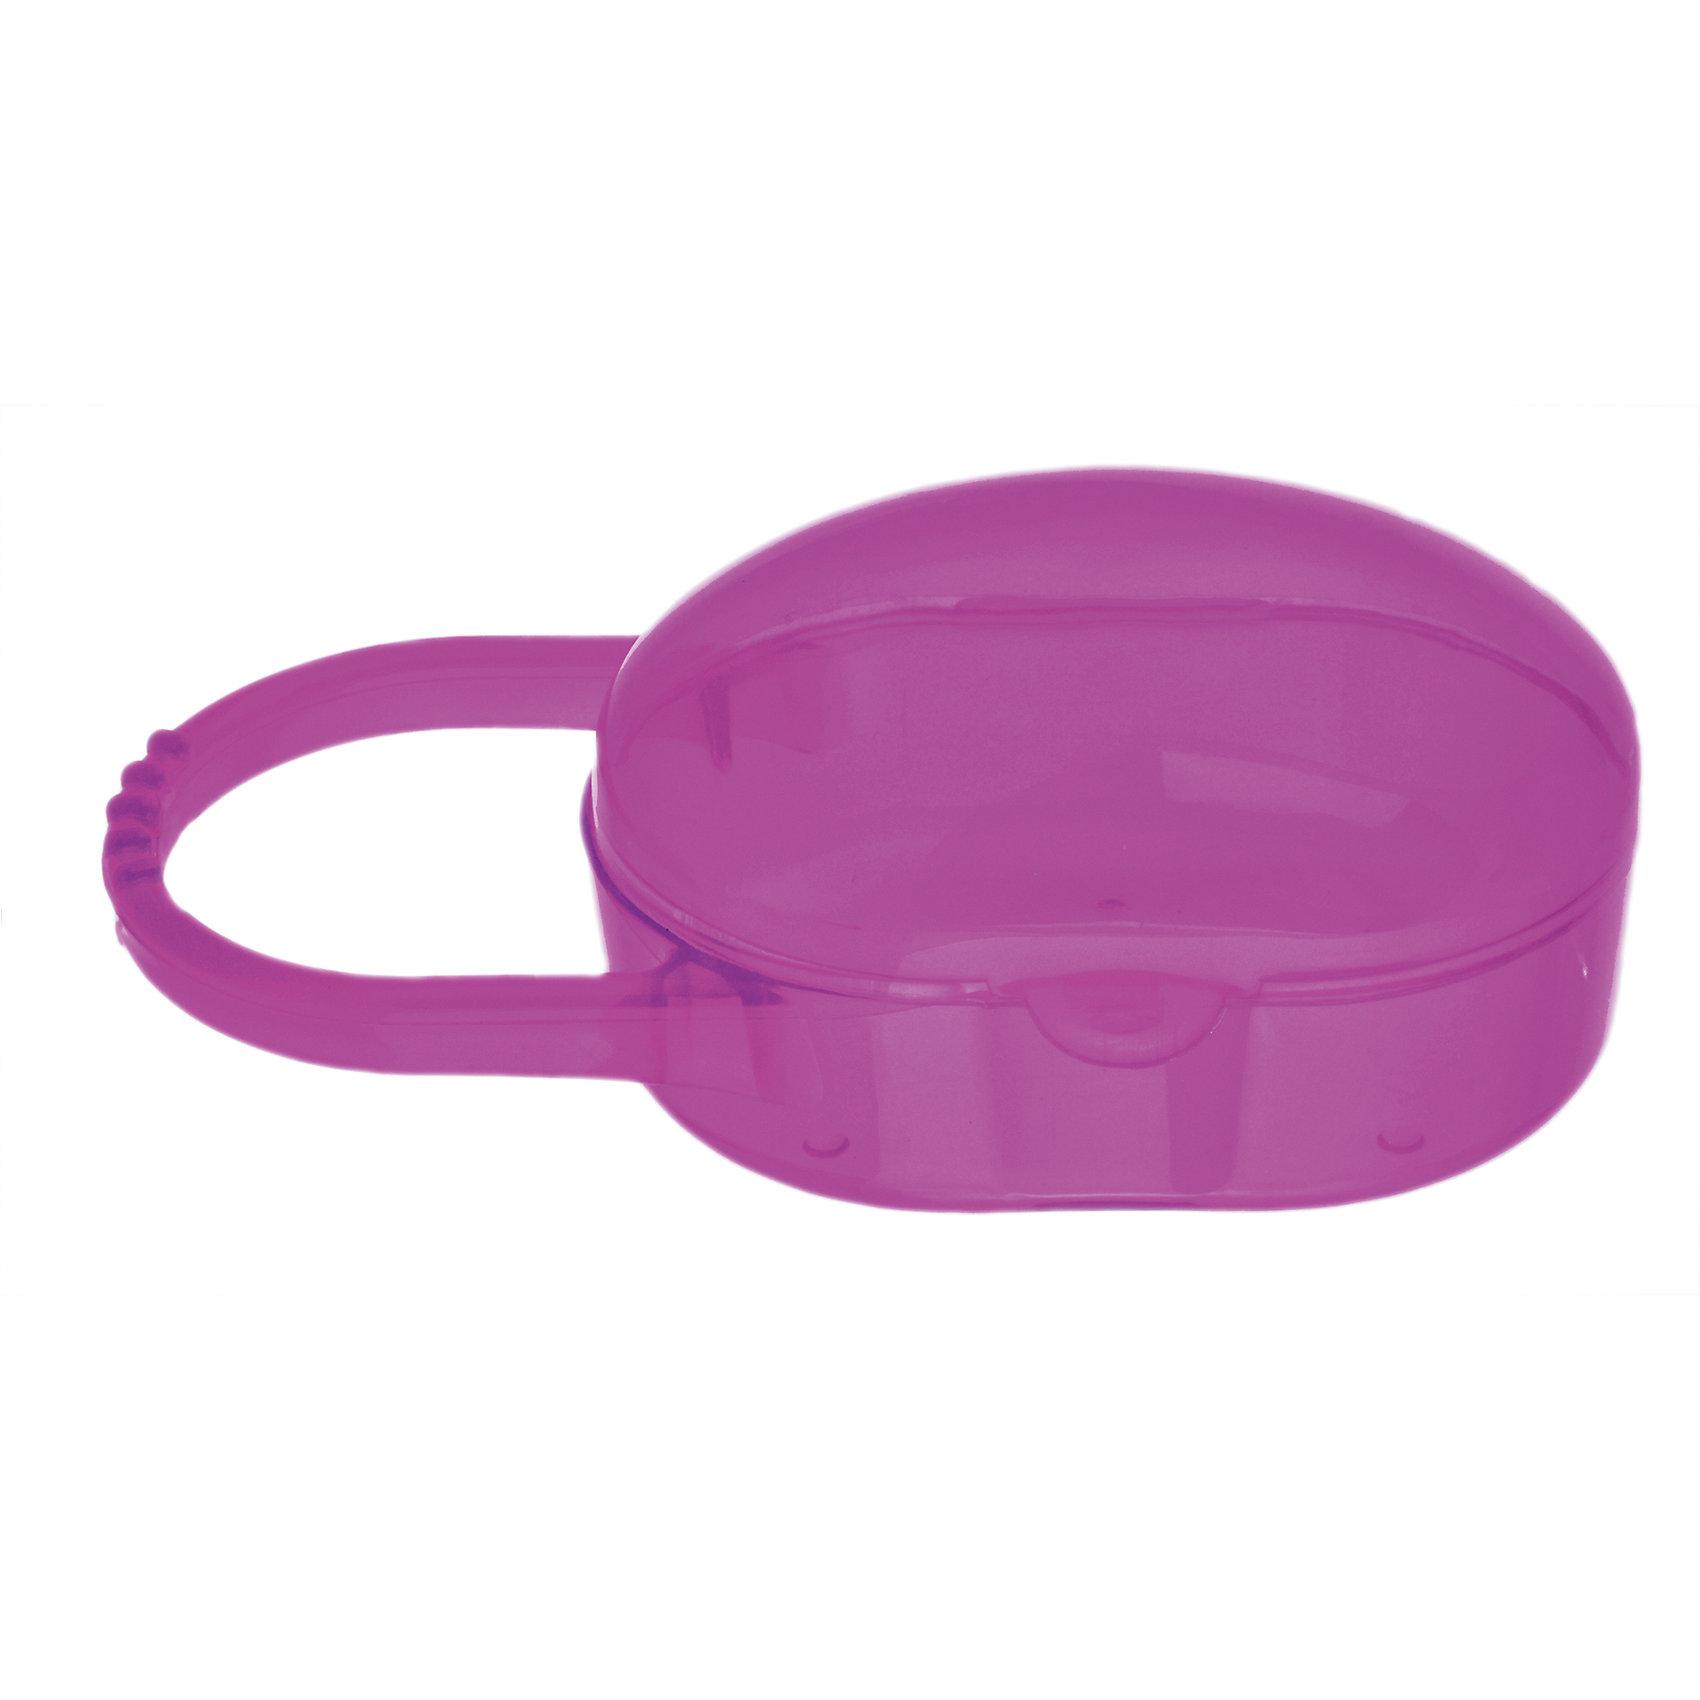 Футляр для пустышки 0+, Kurnosiki, розовыйПустышки и аксессуары<br>Характеристики:<br><br>• Наименование: футляр для пустышки<br>• Материал: пластик<br>• Пол: для девочки<br>• Цвет: розовый<br>• Универсальный размер<br>• Предусмотрена ручка для подвешивания<br>• Вес: 50 г<br>• Параметры (Д*Ш*В): 13*5,5*5 см <br>• Особенности ухода: разрешается мыть в горячей мыльной воде<br><br>Футляр в виде сумочки с одним отделением универсального размера. Пластик, из которого изготовлено изделие, имеет высокую прочность, устойчив к появлению царапин и сколов. Изделие разрешается мыть в горячей воде. Для удобства использования предусмотрена ручка, за которую футляр можно подвешивать к коляске или сумочке.<br><br>Футляр для пустышки 0+, Kurnosiki, розовый можно купить в нашем интернет-магазине.<br><br>Ширина мм: 40<br>Глубина мм: 100<br>Высота мм: 180<br>Вес г: 38<br>Возраст от месяцев: 0<br>Возраст до месяцев: 18<br>Пол: Женский<br>Возраст: Детский<br>SKU: 5428675